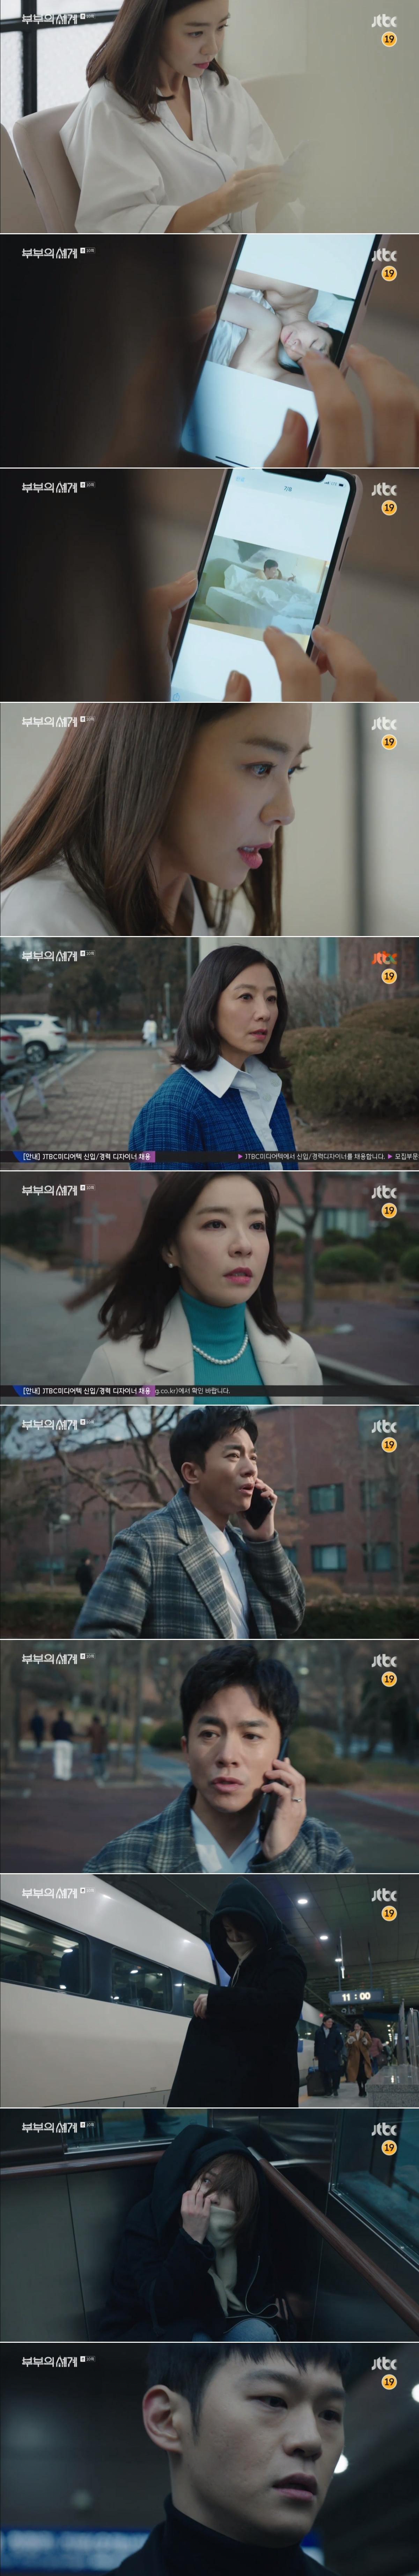 '부부의 세계' 박선영, 김영민과 결국 '이혼'…이학주, 심은우 찾아냈다(종합)